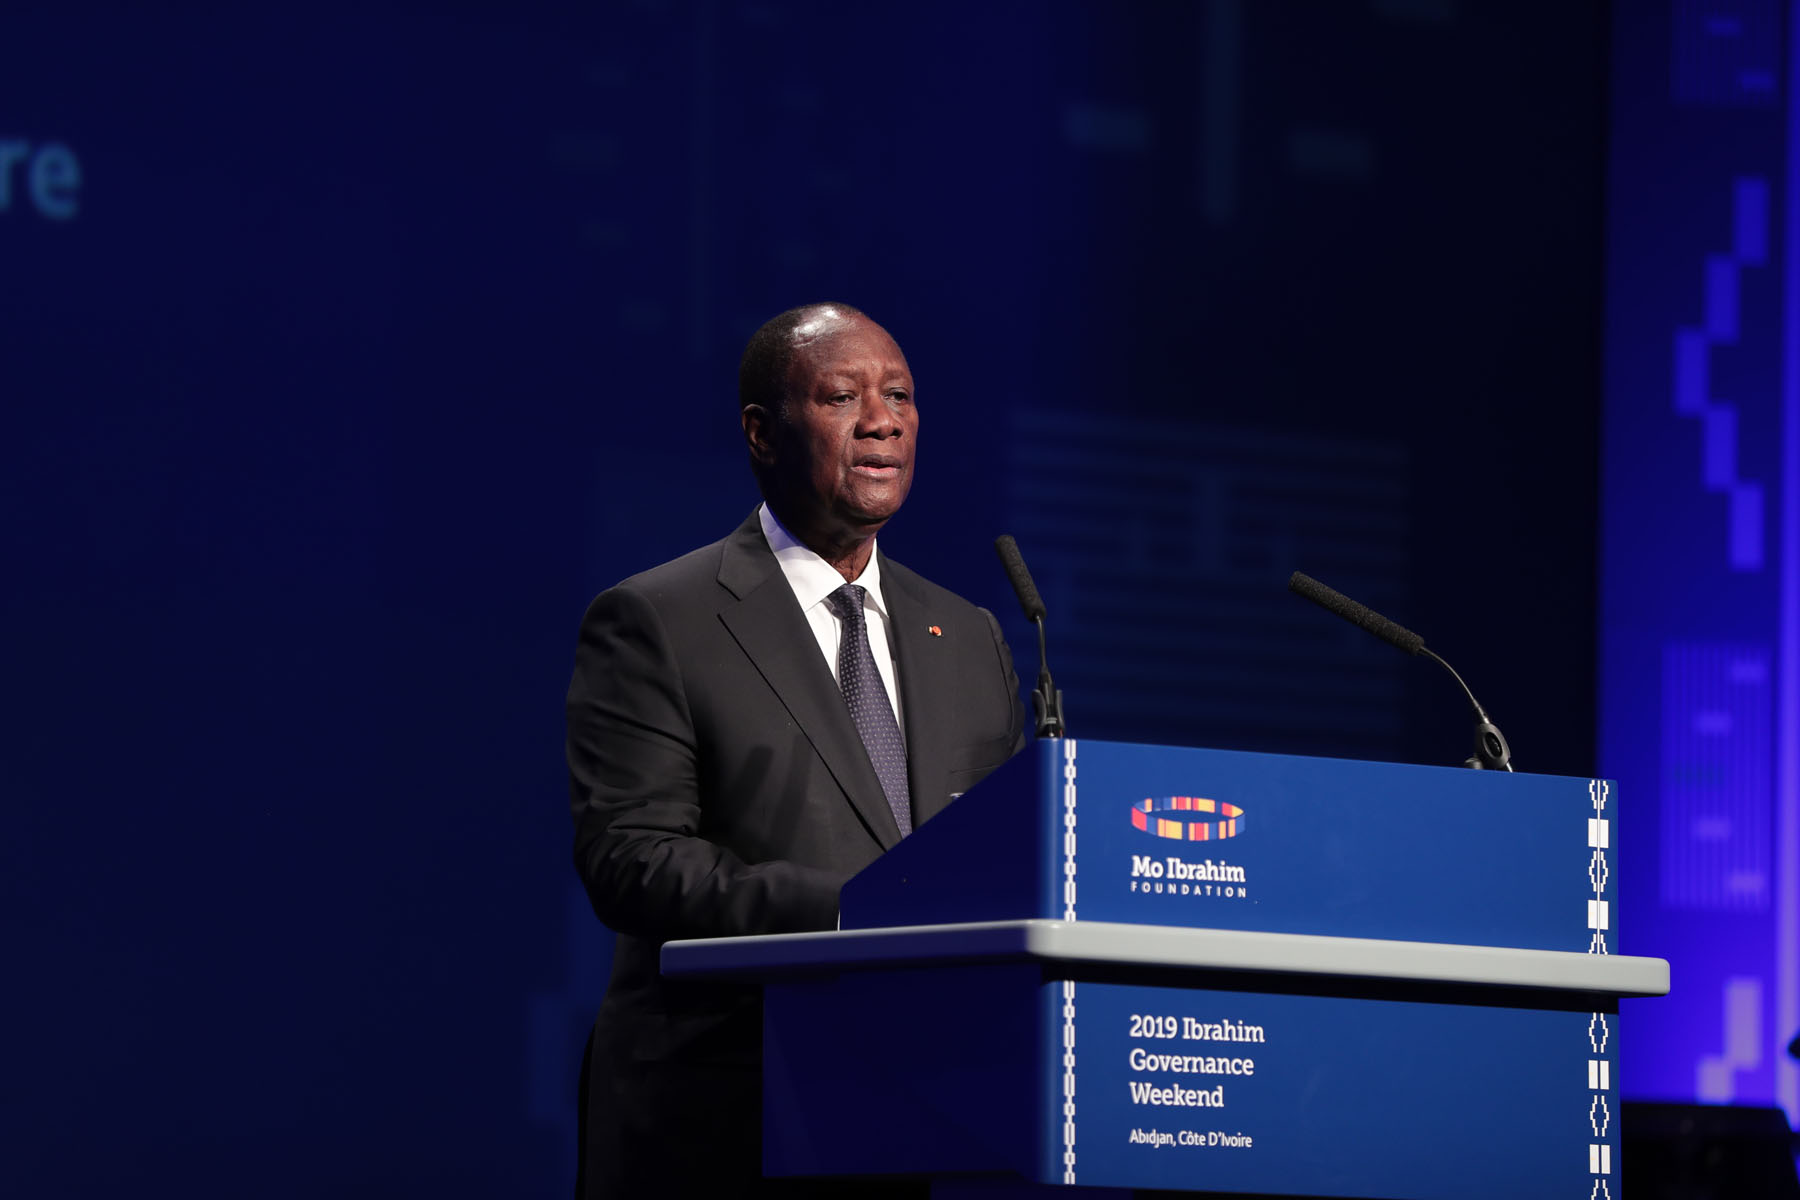 Le Chef de l'Etat a présidé la cérémonie d'ouverture du Forum ''Mo Ibrahim Governance week-end''